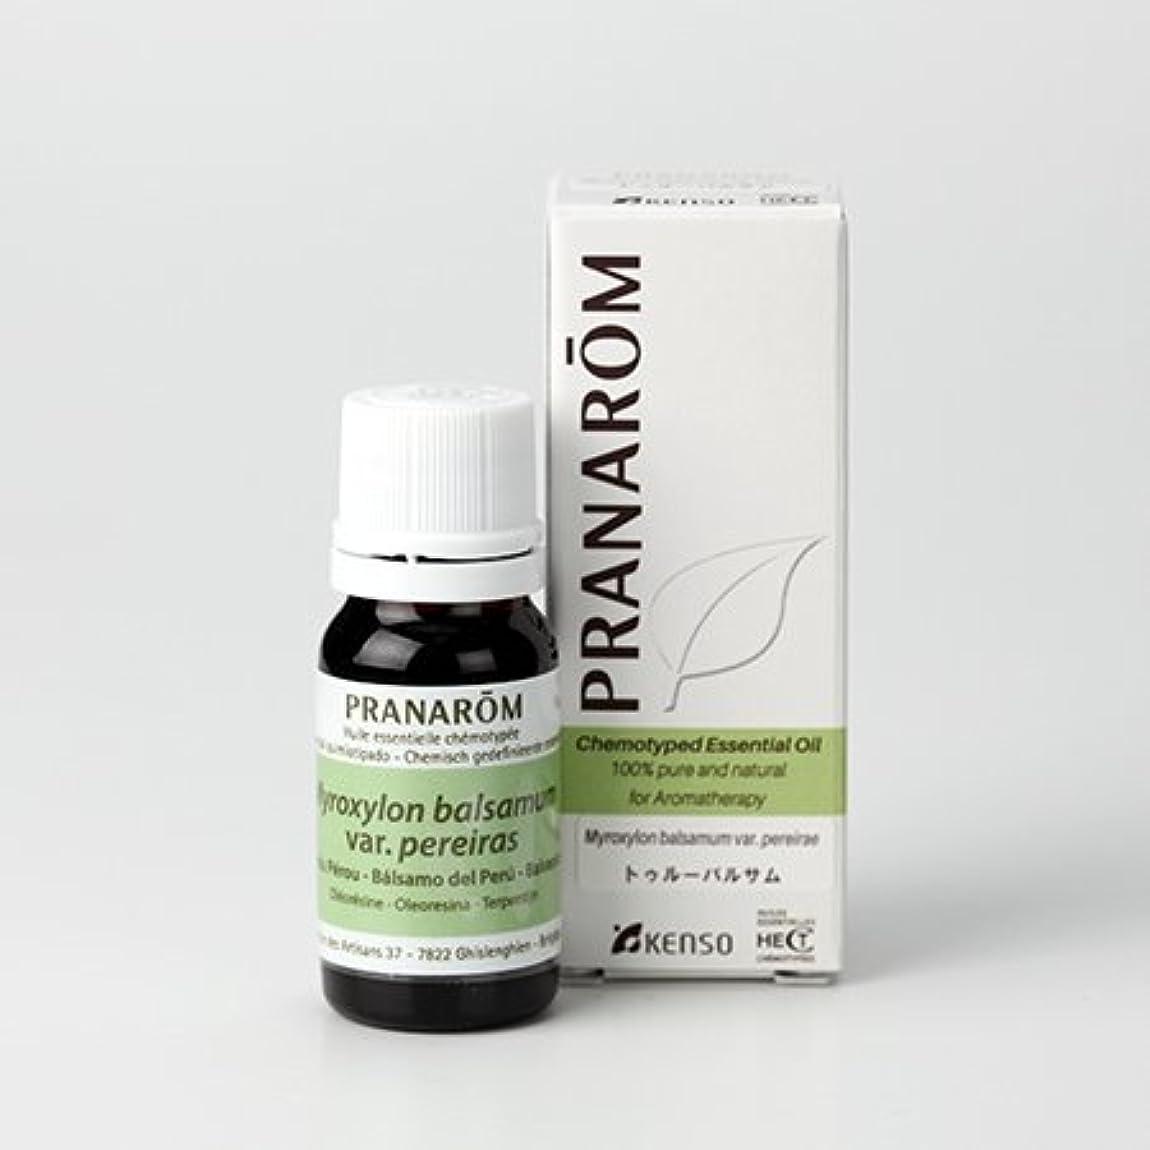 大脳複数ピジン【トゥルーバルサム 10ml】→バニラのような甘さを持つ香り?(樹脂系)[PRANAROM(プラナロム)精油/アロマオイル/エッセンシャルオイル]P-123